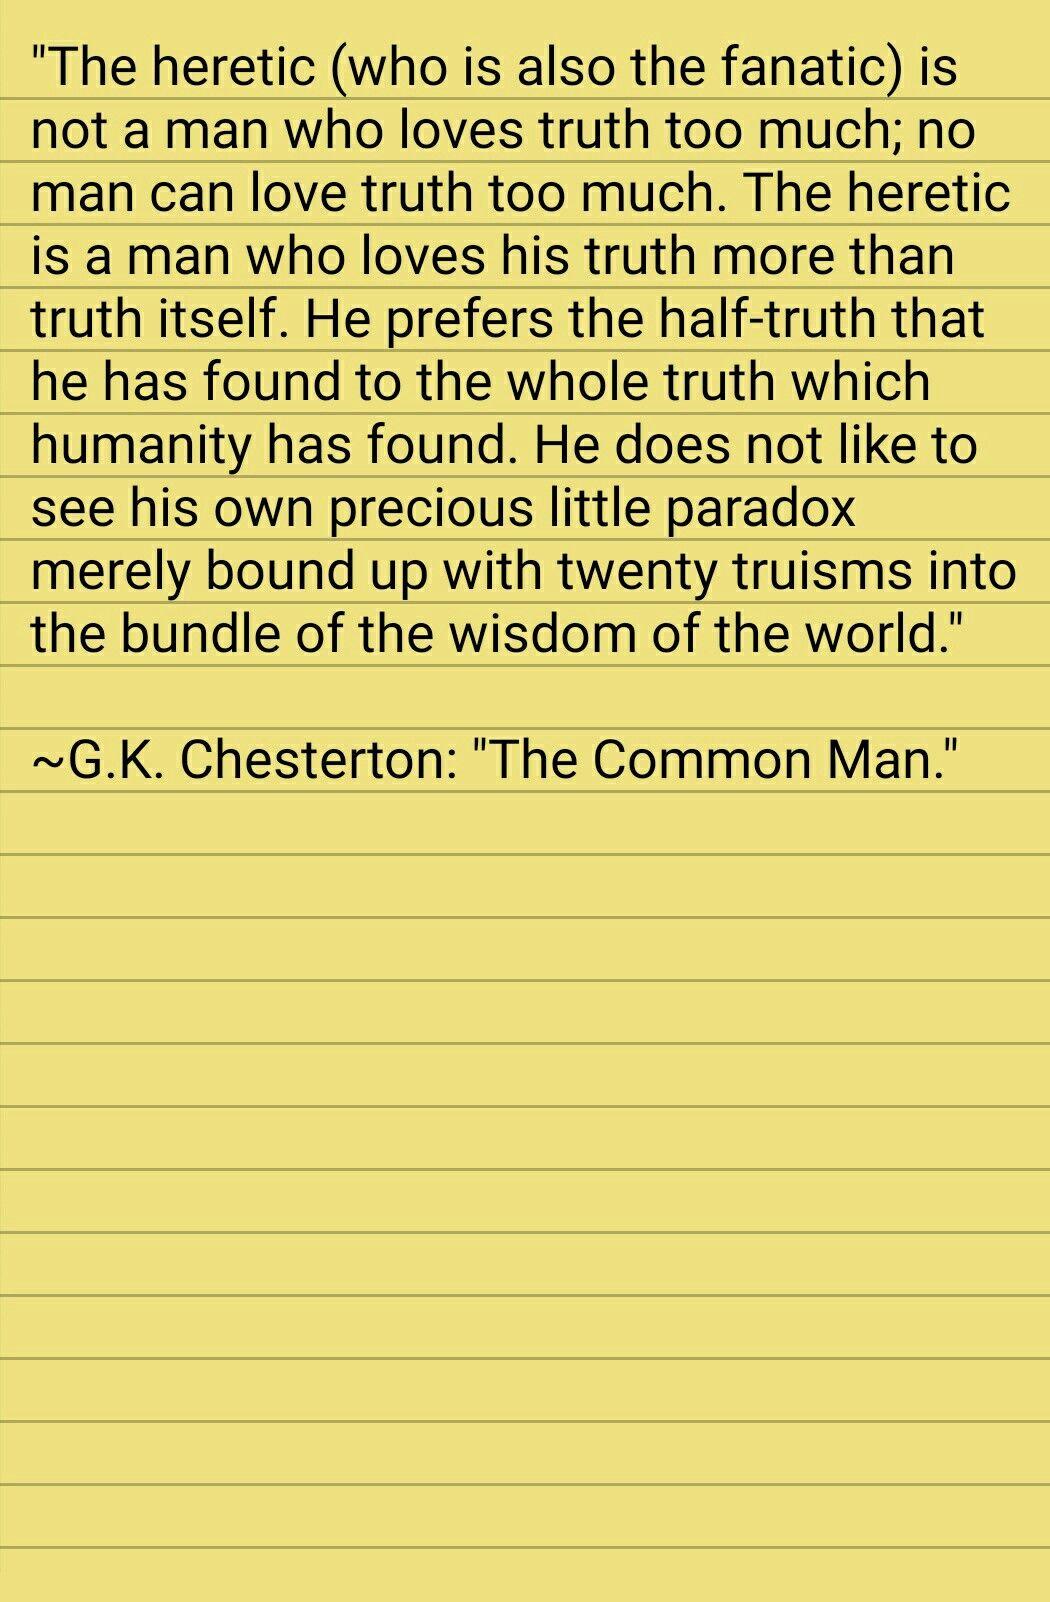 The Common Man Gkc Chesterton Quote Heretic Half Truth Love Gk Essay Pdf